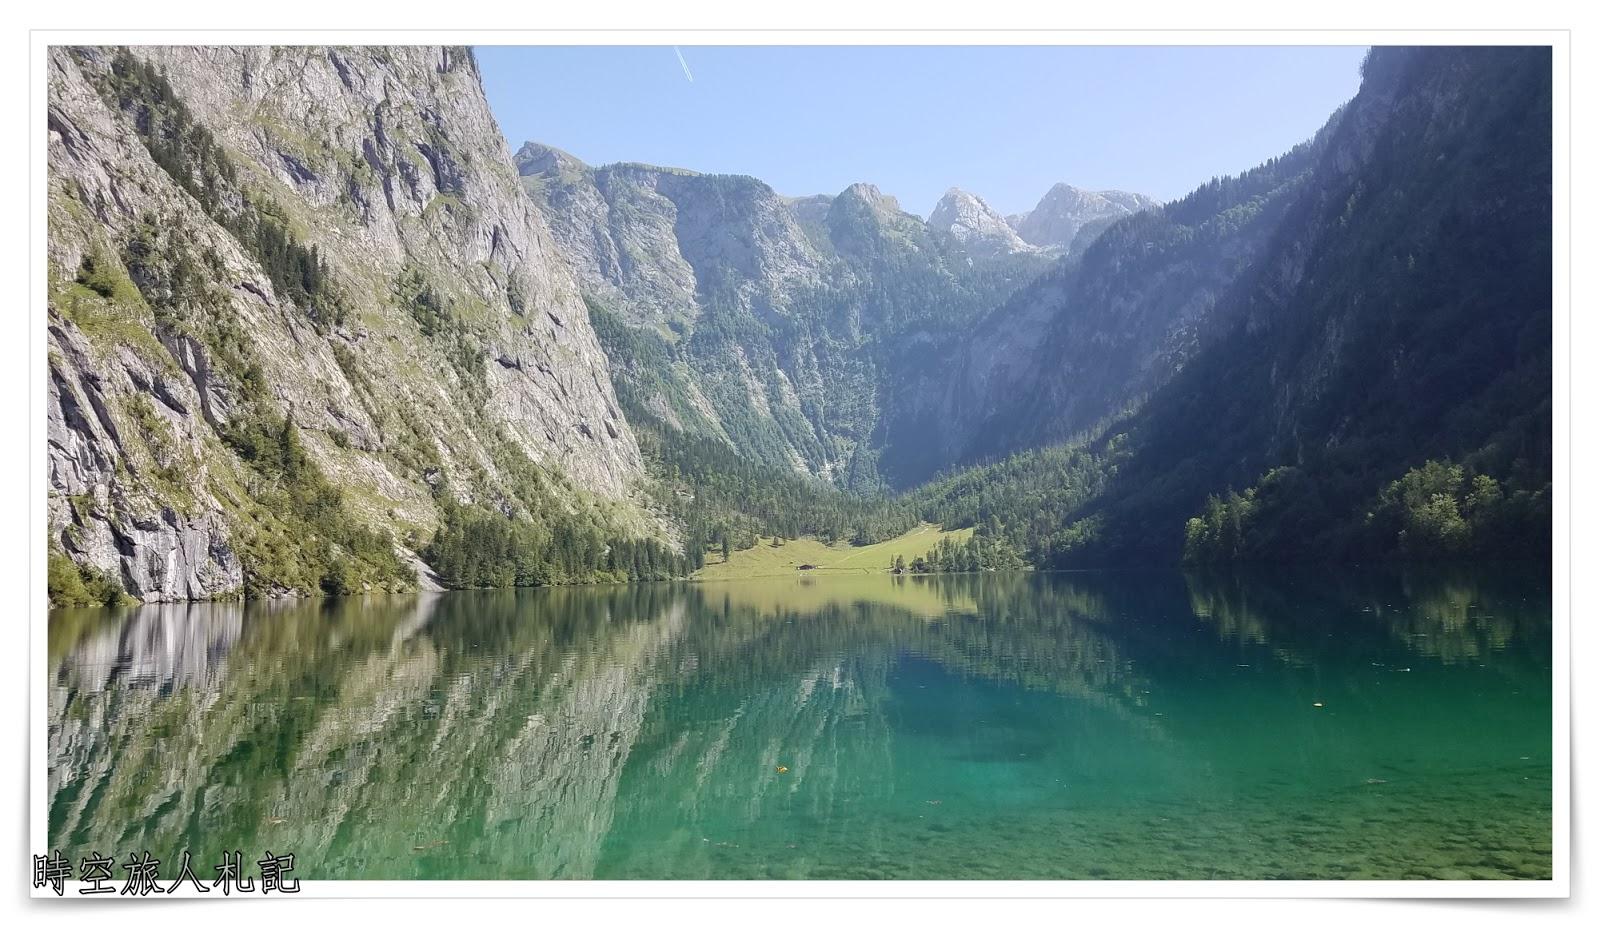 Königssee 國王湖一日遊: 德國最美的湖